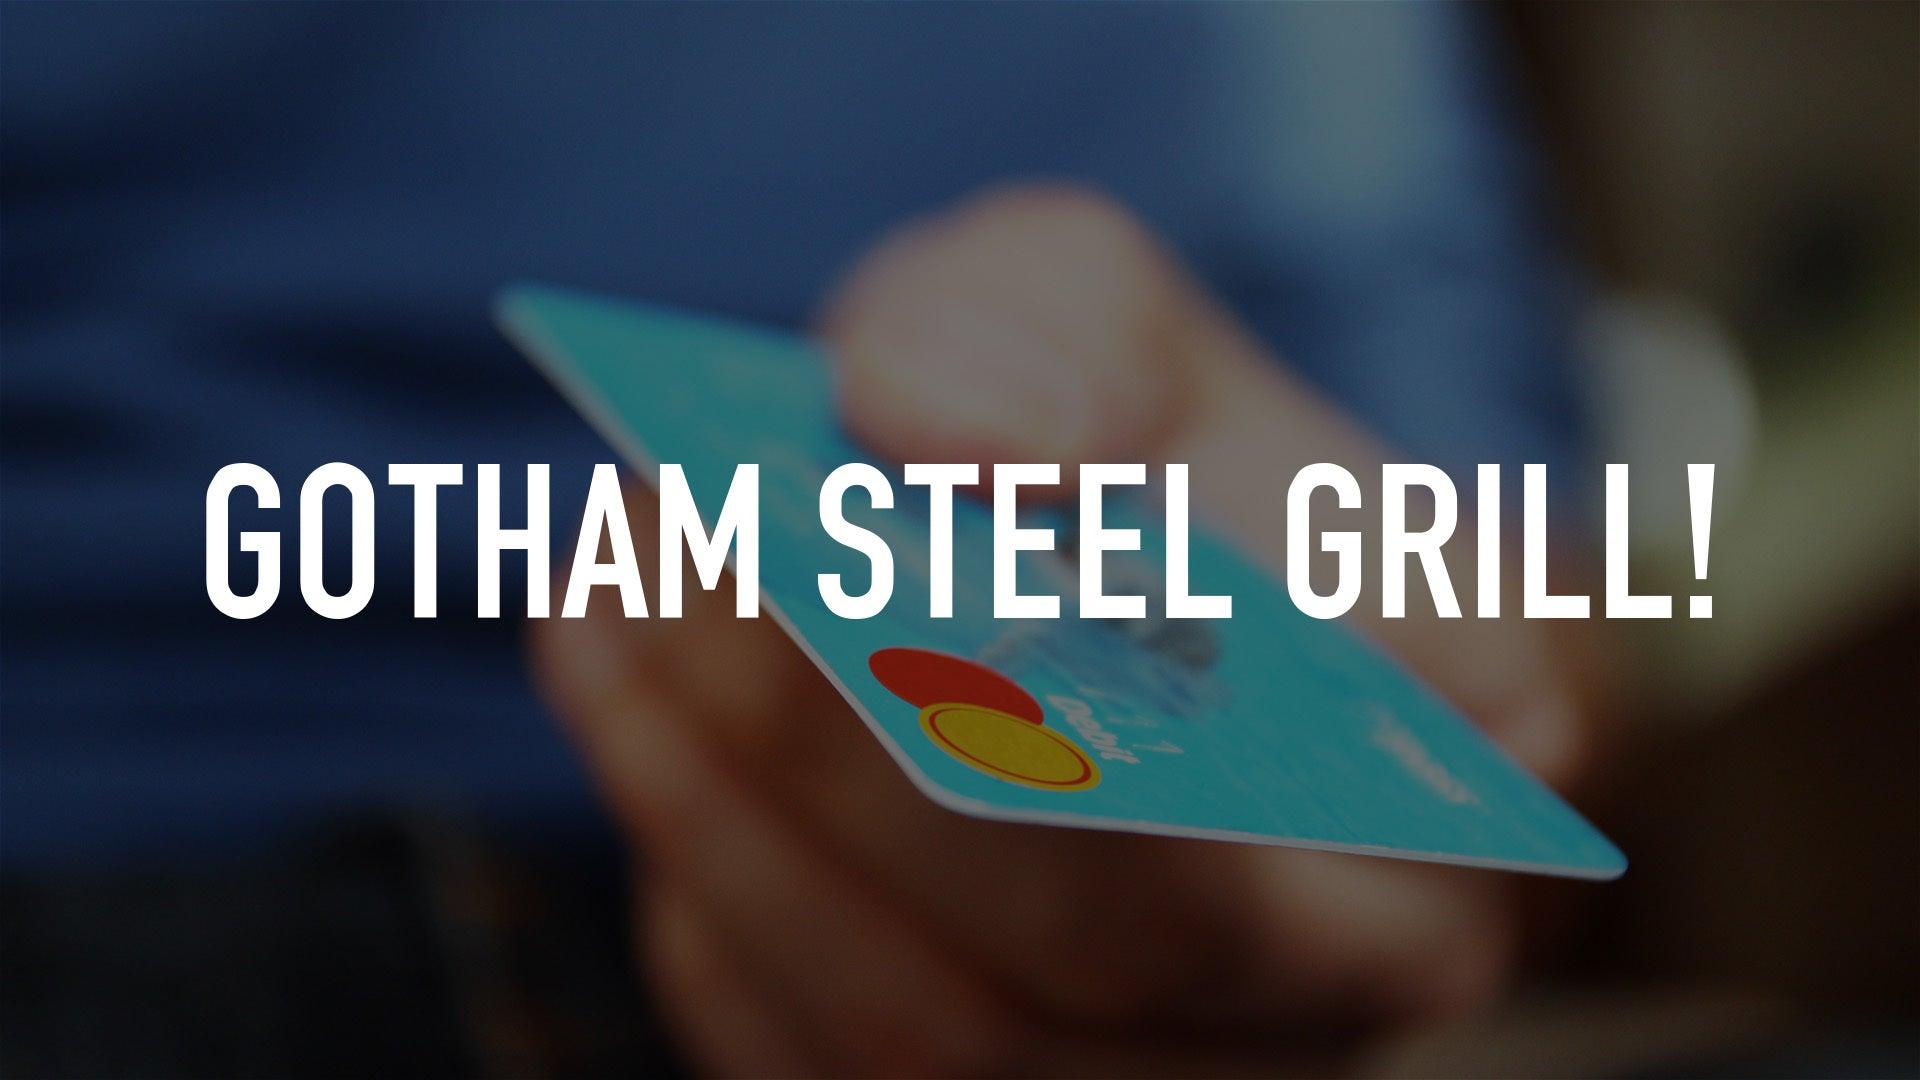 Gotham Steel Grill!